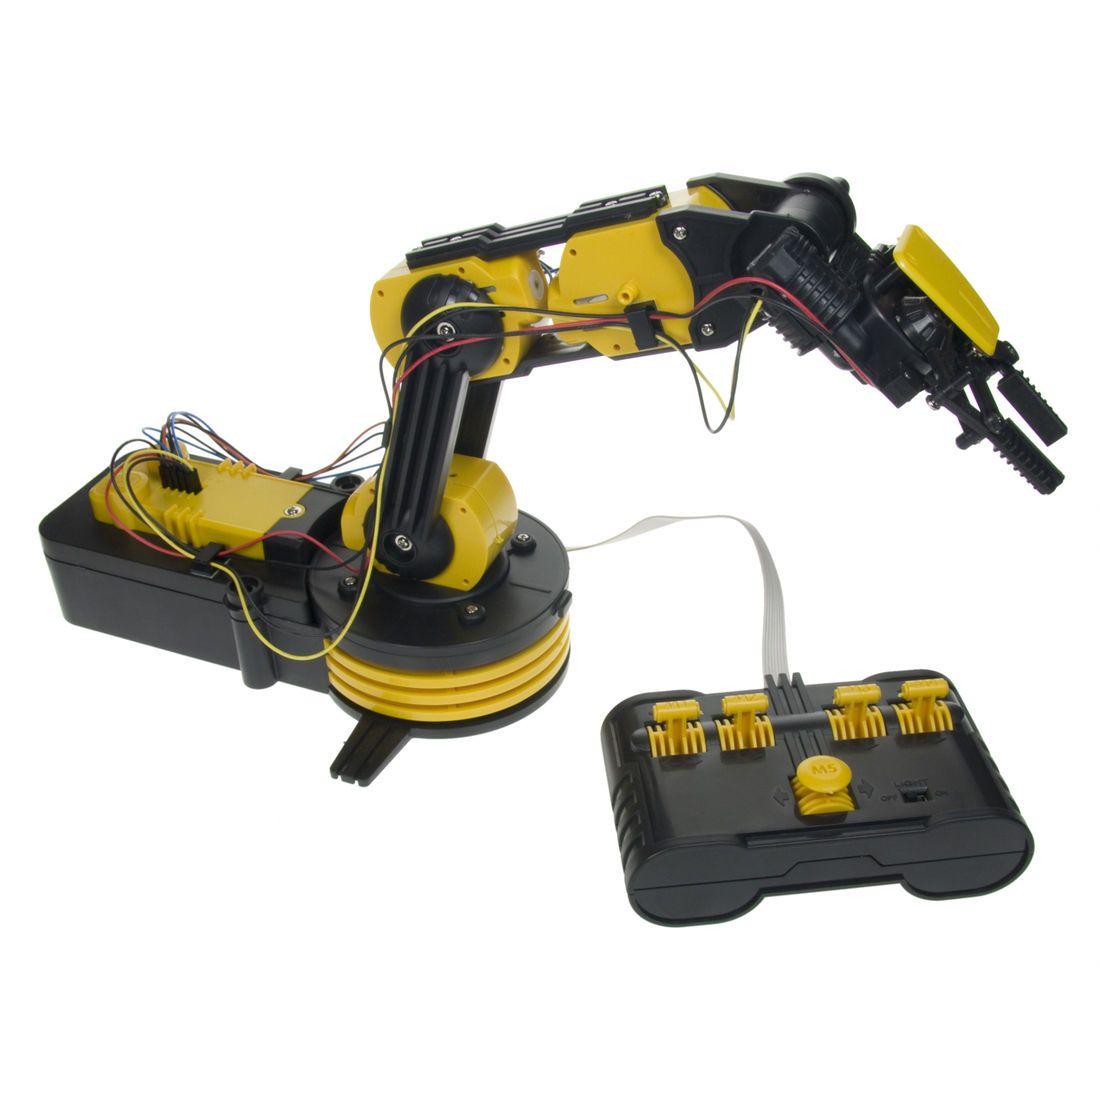 Roboterarm Bausatz - 24h Lieferung   getDigital